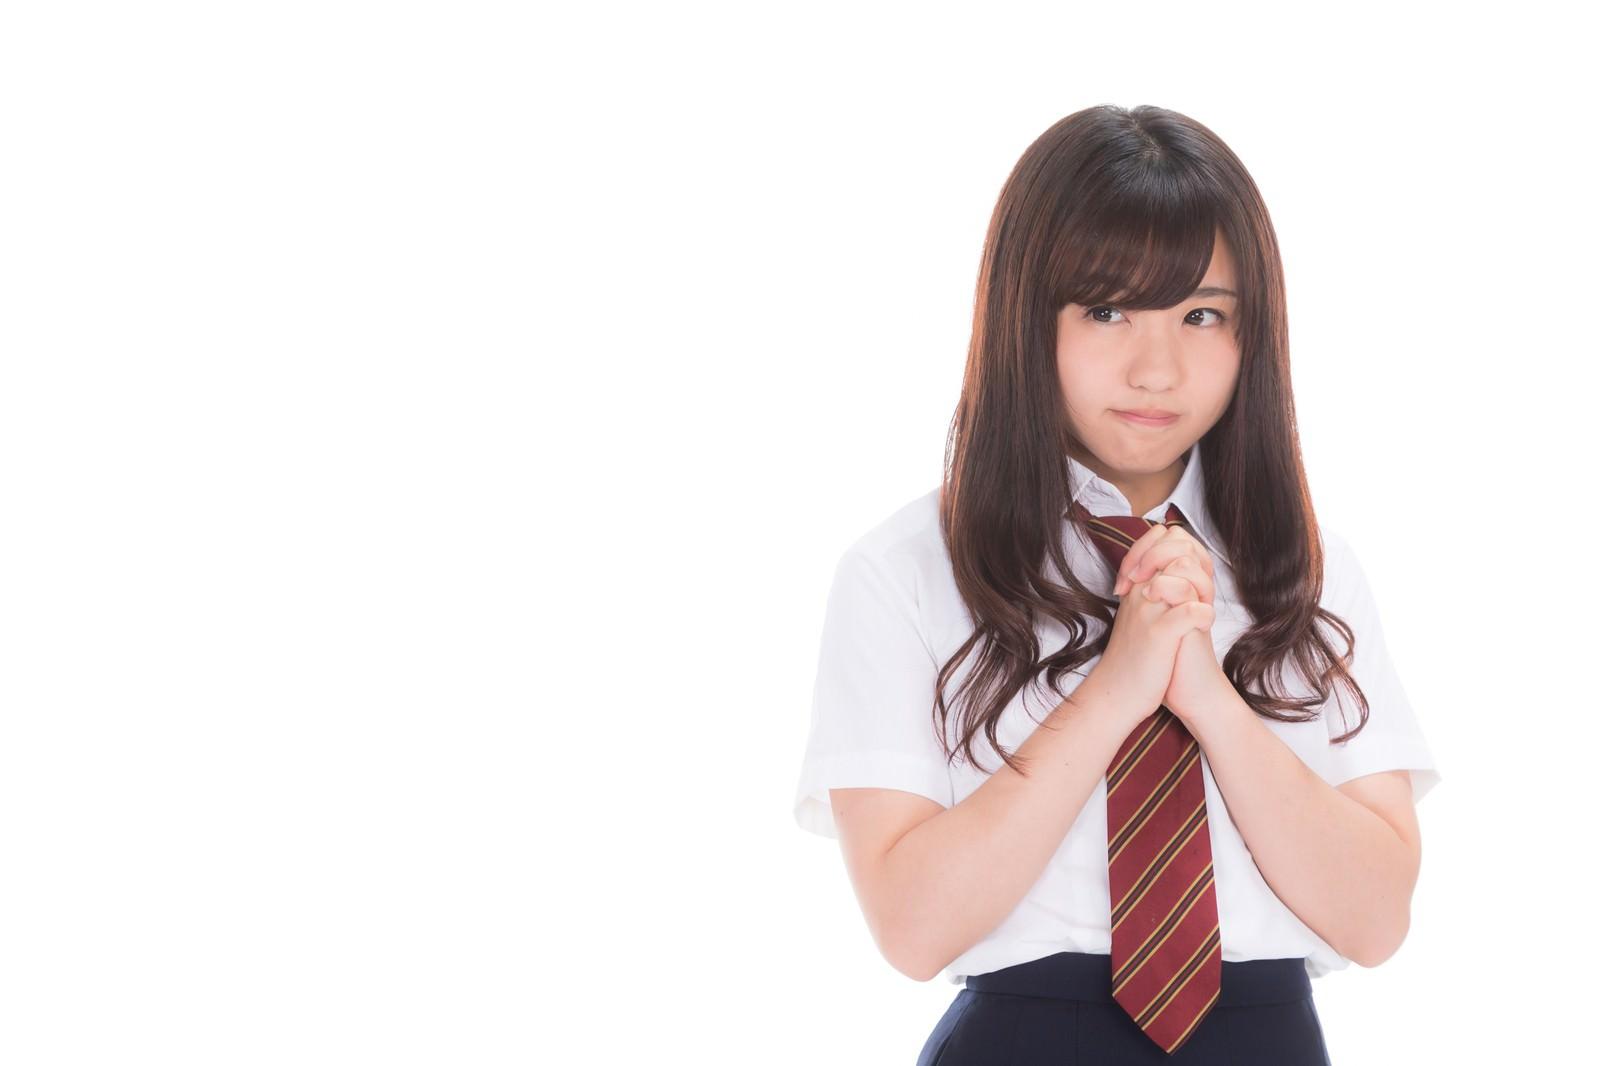 「奇跡を信じる女子高生」の写真[モデル:河村友歌]